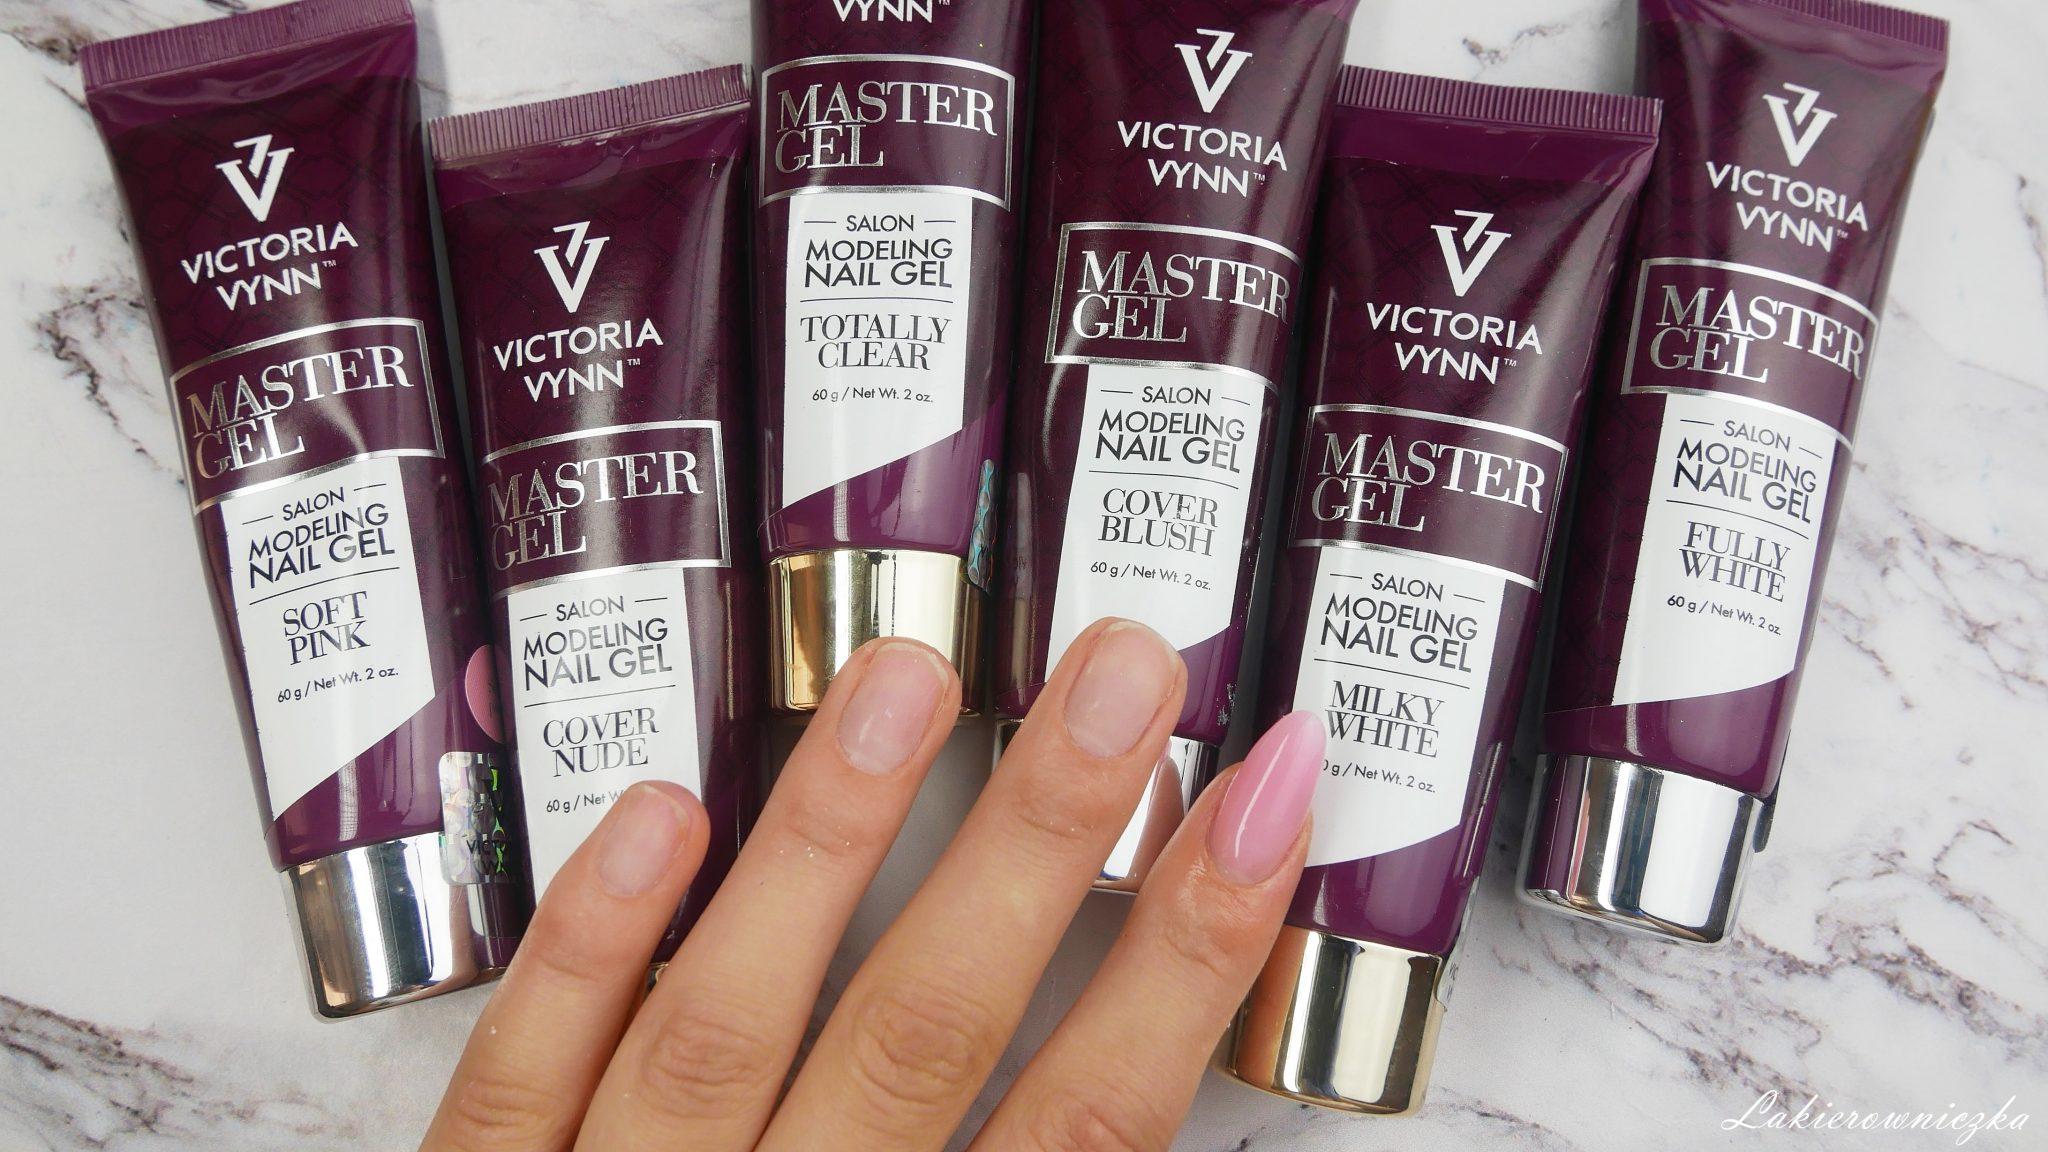 jak-zrobic-akrylo-zele-produkty-niezbedne-Master-gel-Victoria-vynn-Lakierowniczka-przedluzanie-na-szablonie-akrylo-zel-soft-pink-jak zrobić akrylo-żele?